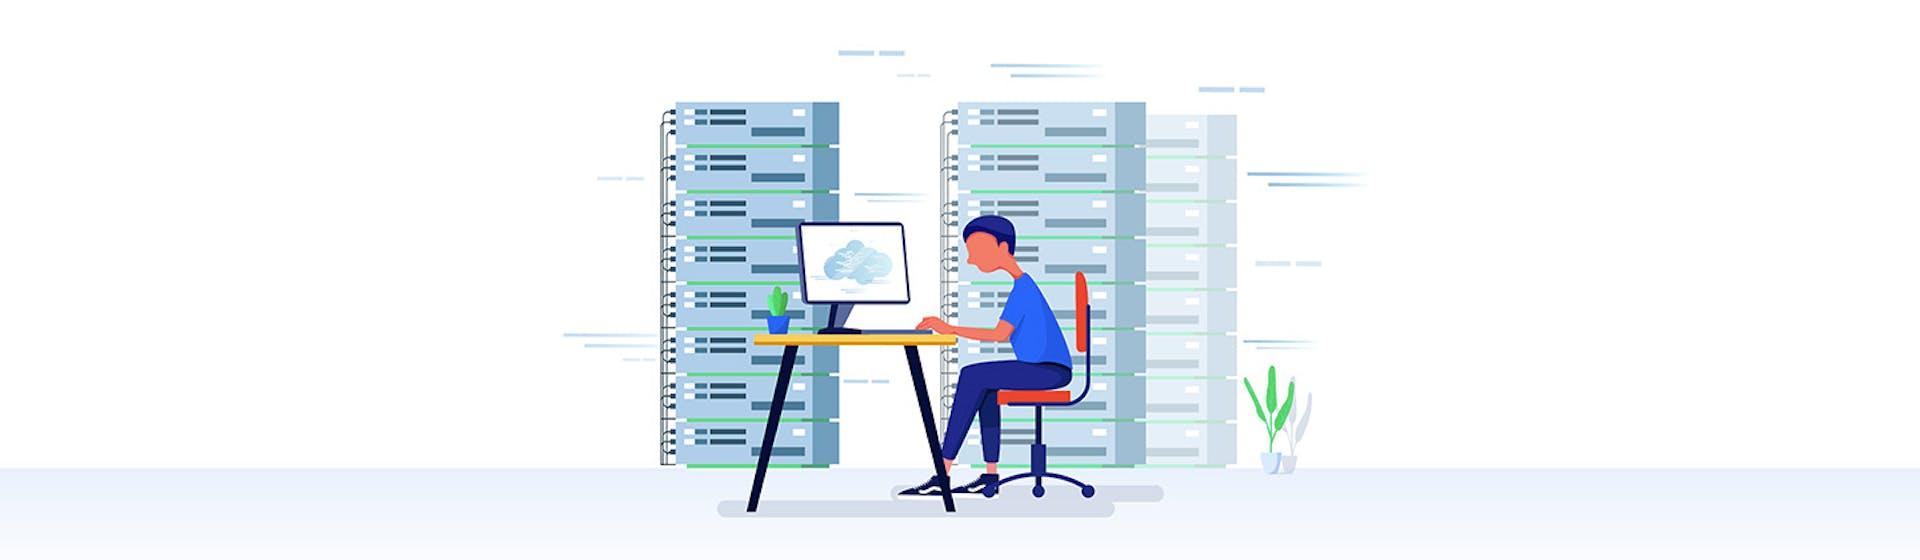 Ahora puedes aprender cómo montar tu propio servidor web